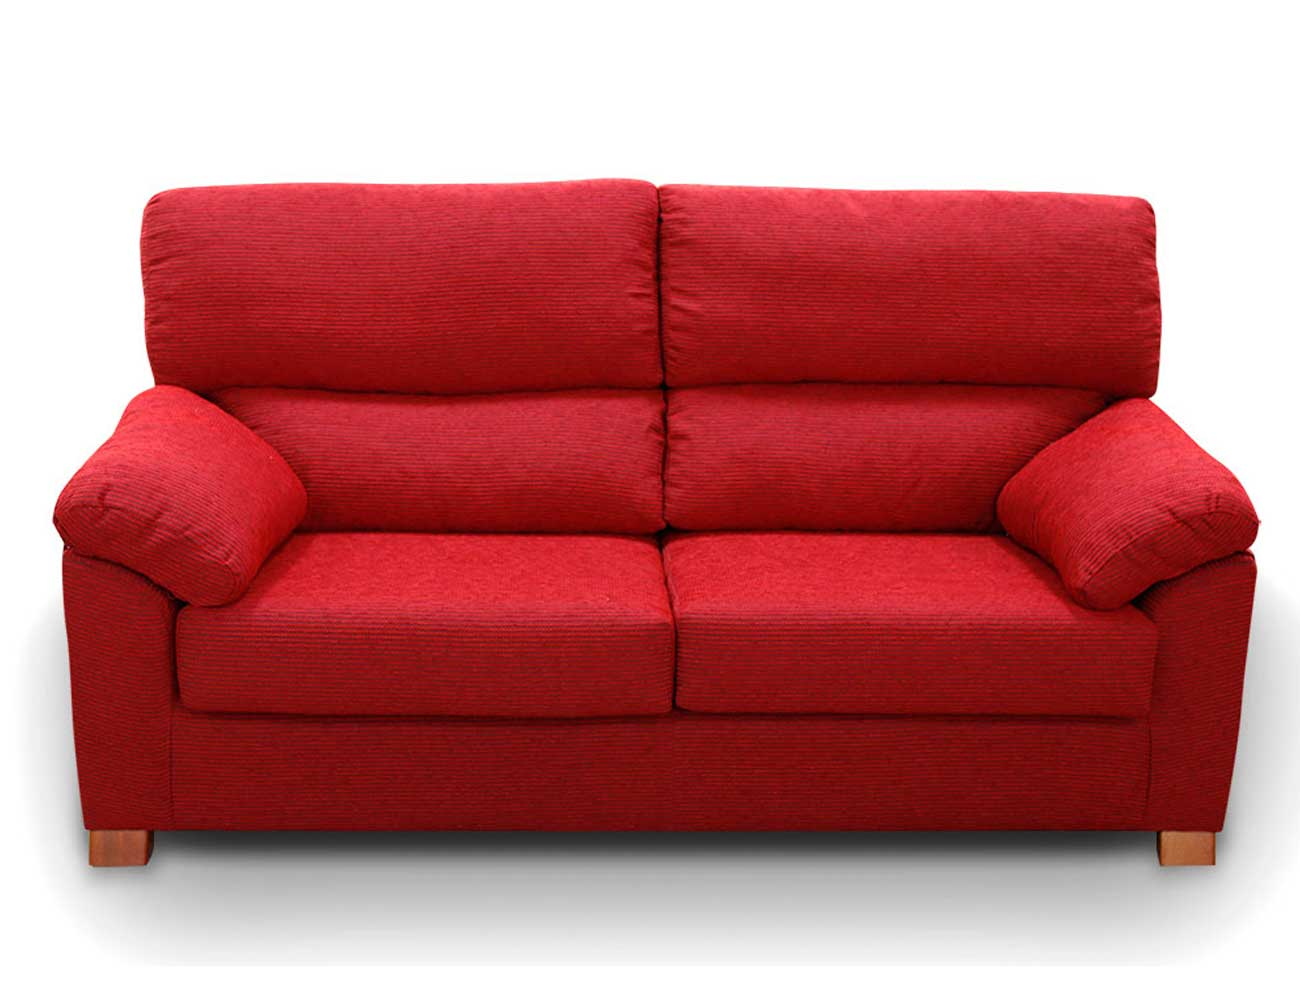 Sofa barato 3 plazas rojo